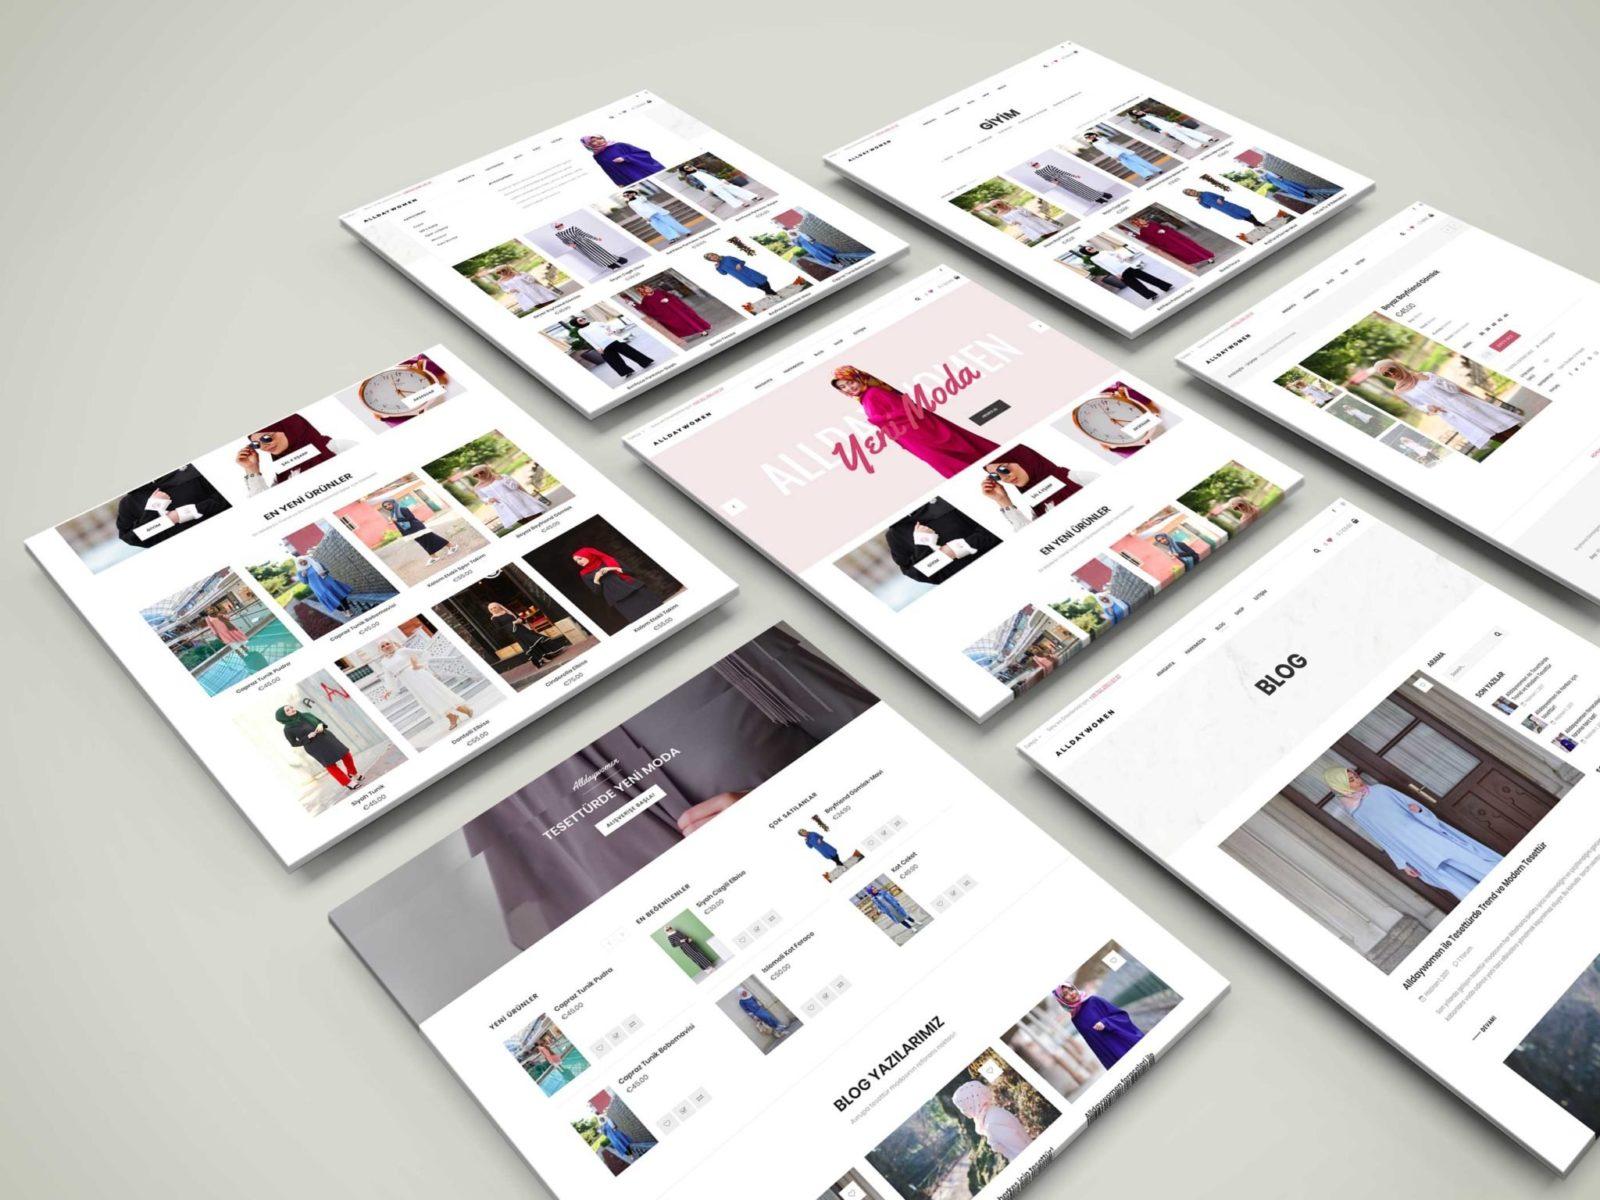 AllDayWomen Kurumsal Website Tasarımı 4